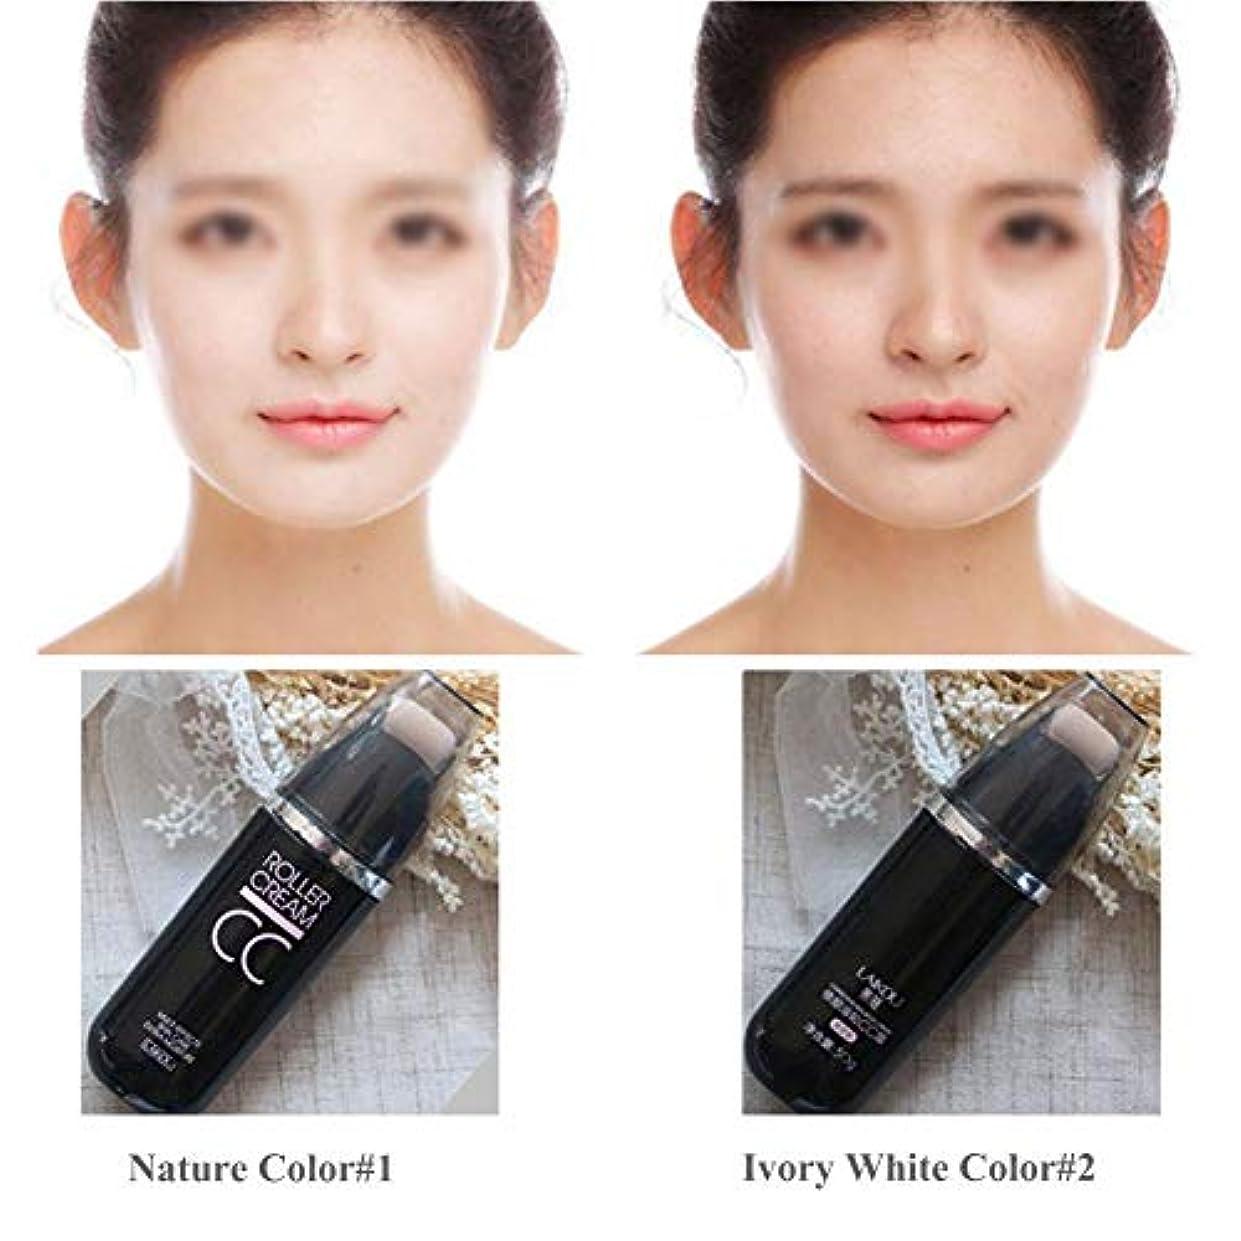 差別する不適融合化粧ベース、BBクリームエアクッションBBクリームは肌を明るくし、シミや毛穴を覆い、絶妙な外観を作り出します。防水コンシーラーファンデーション(#2)